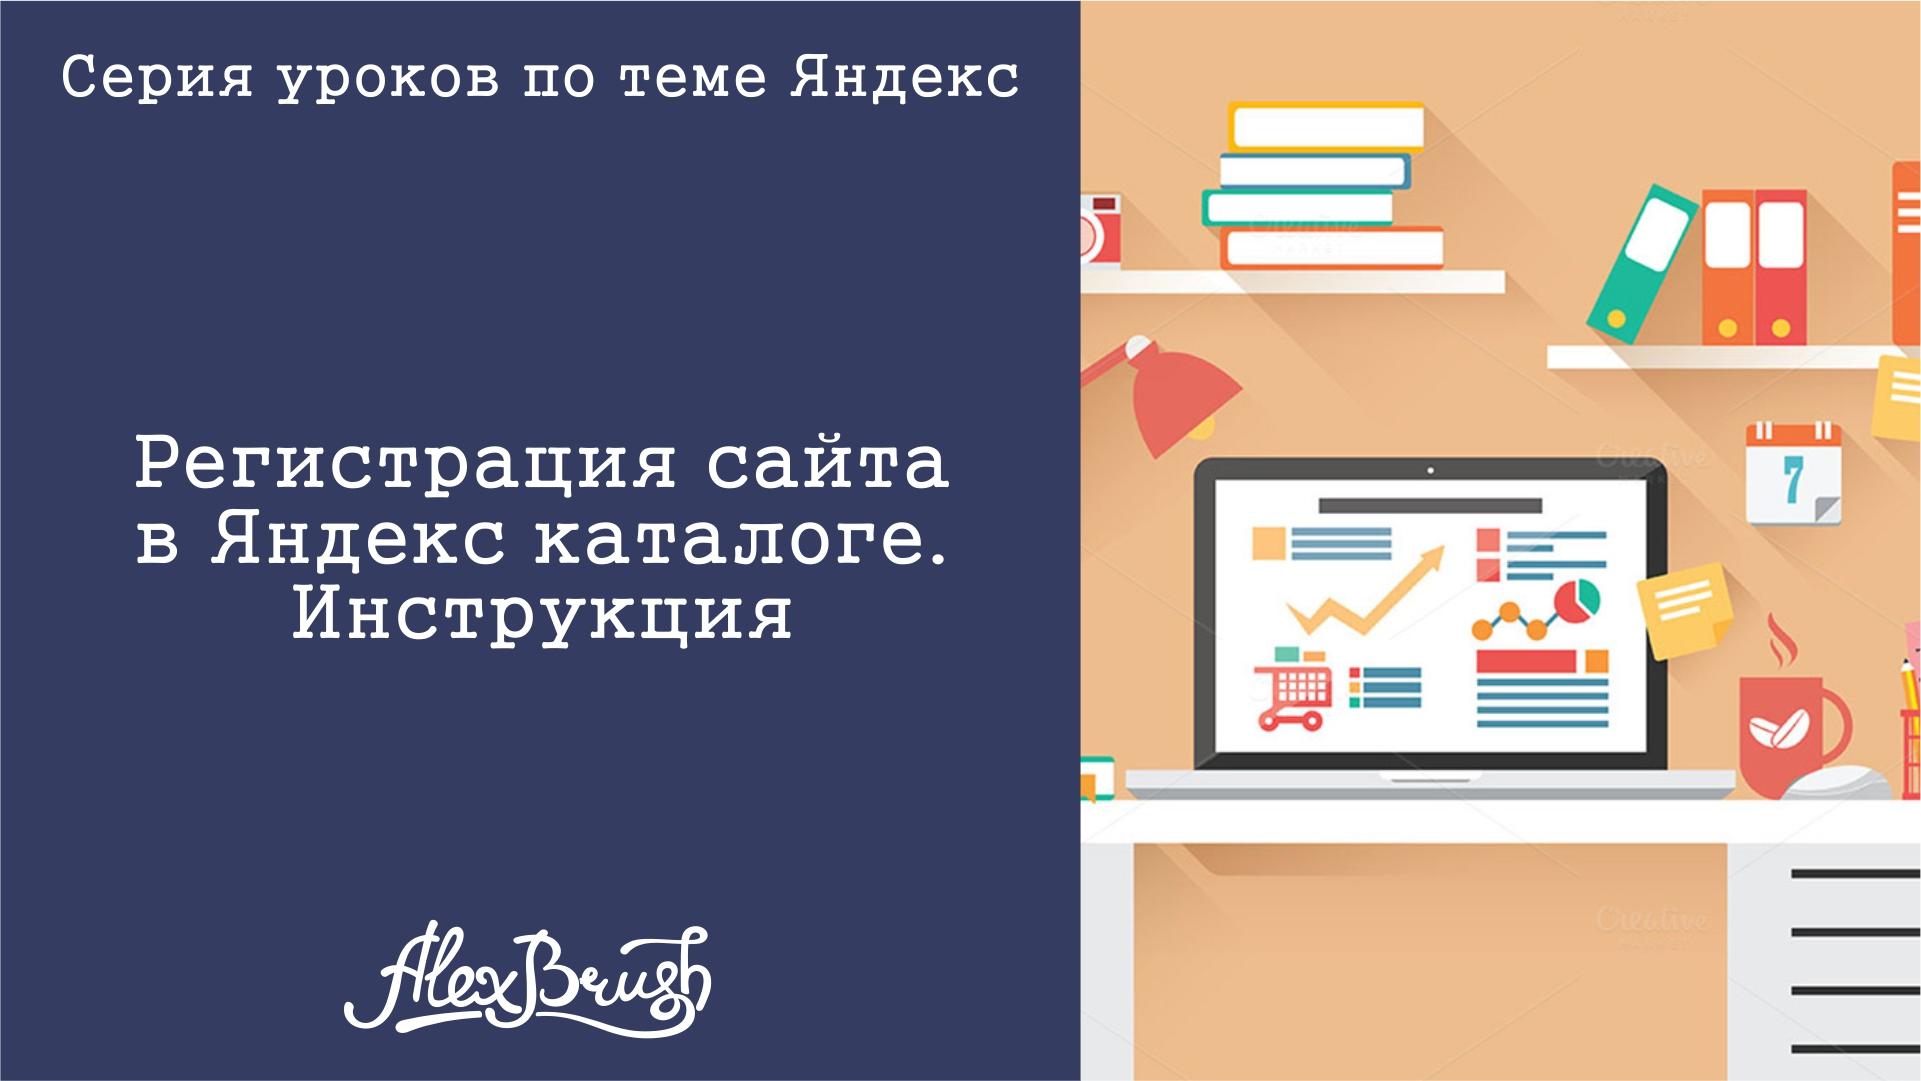 Регистрация в Яндекс каталоге. Инструкция